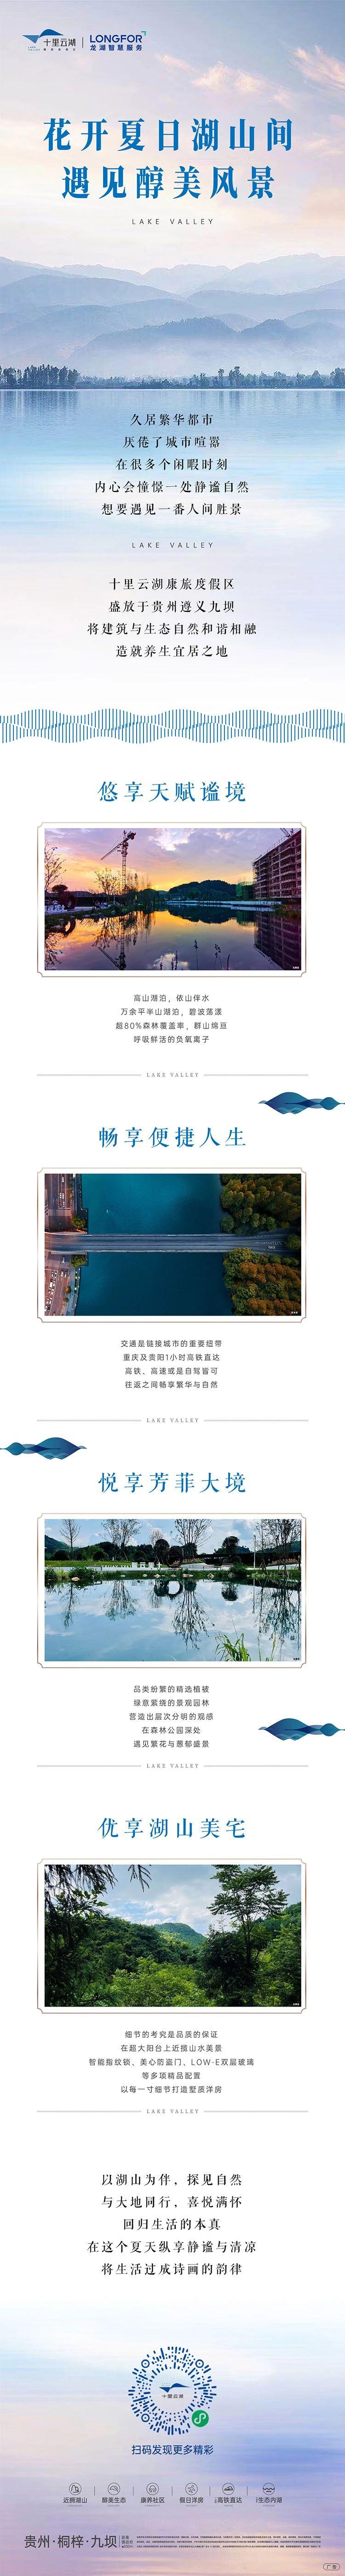 微信图片_20210725110809.jpg